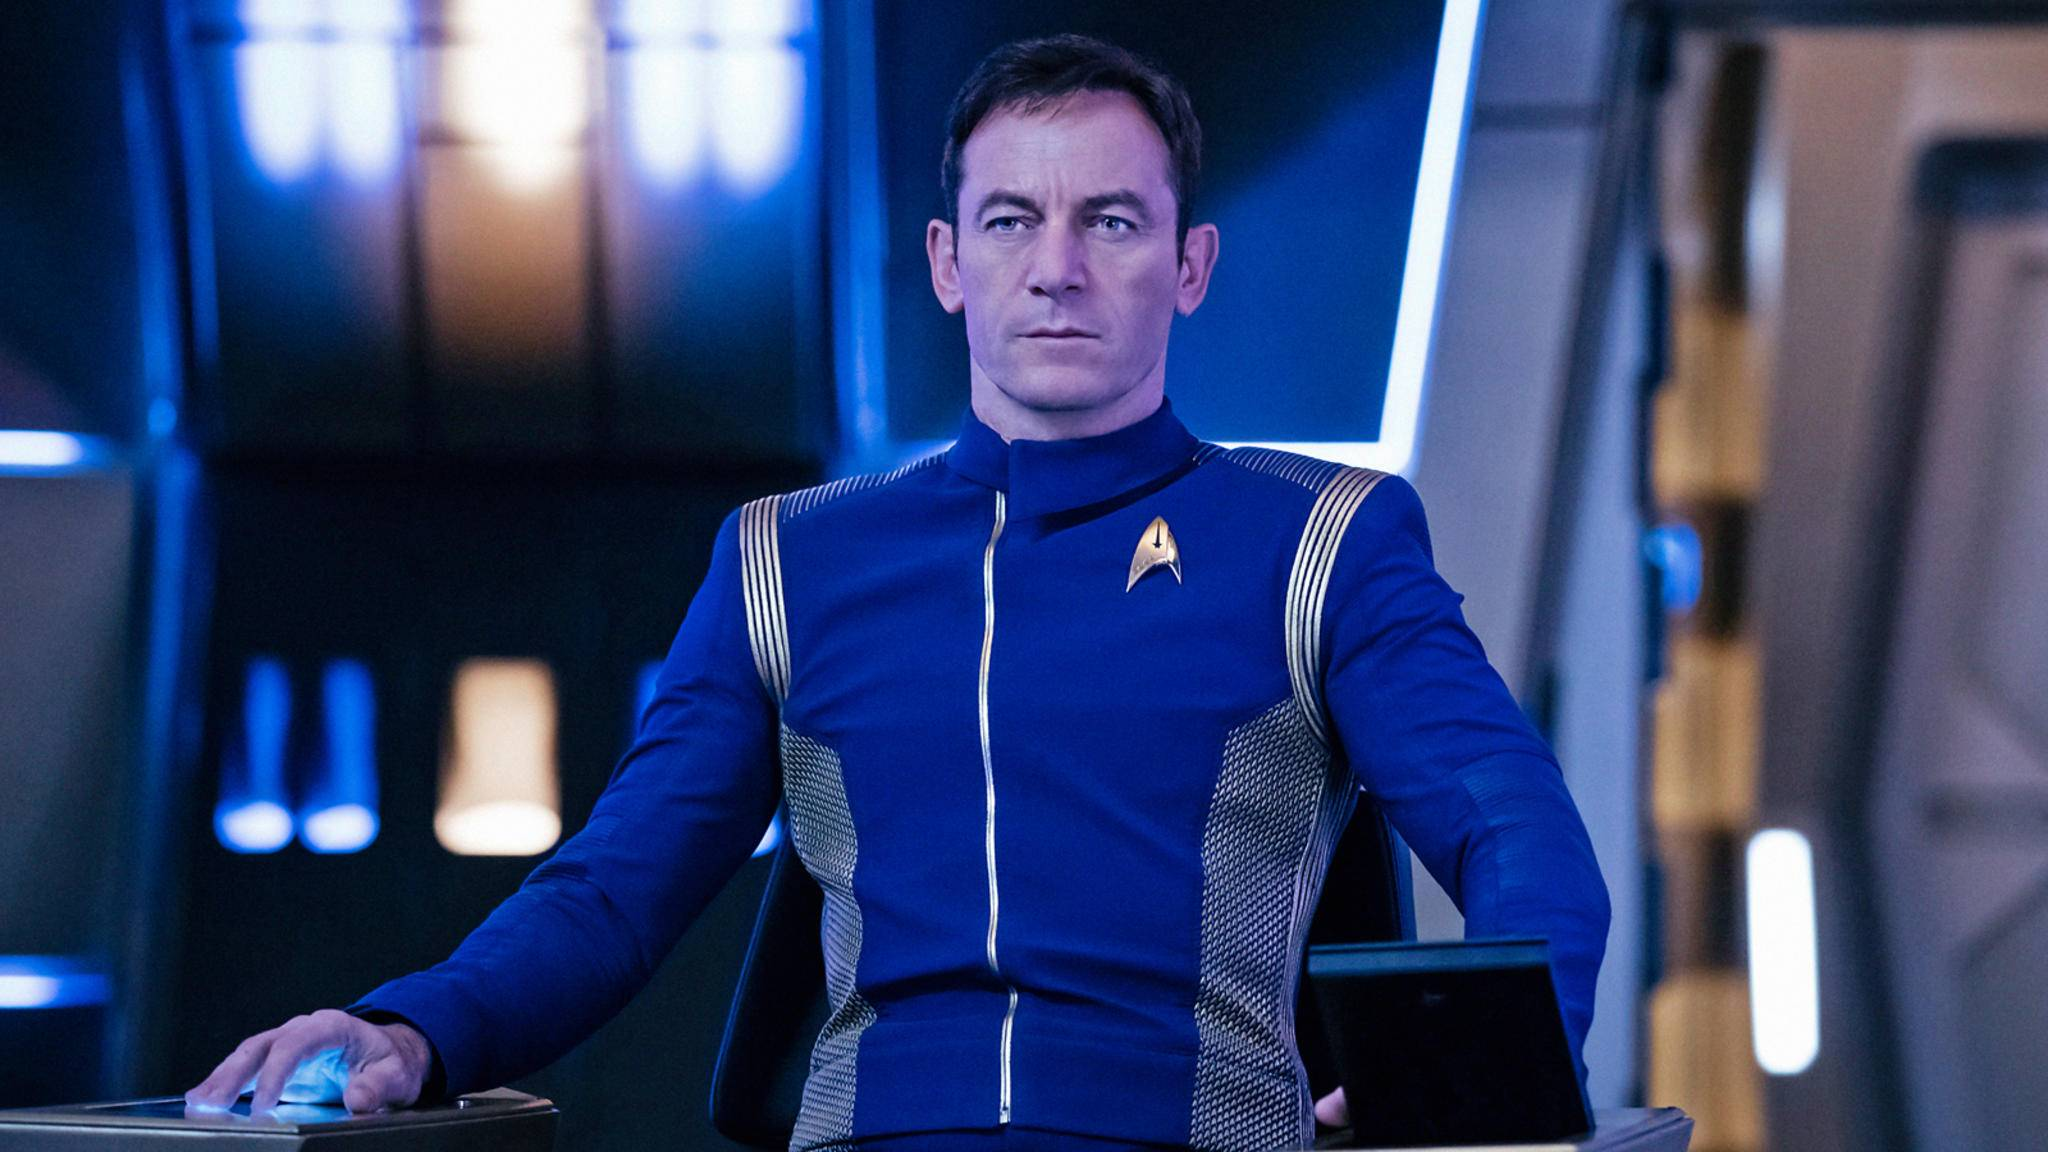 """Staffel 2 von """"Star Trek: Discovery"""" nimmt Kurs auf die Originalserie."""